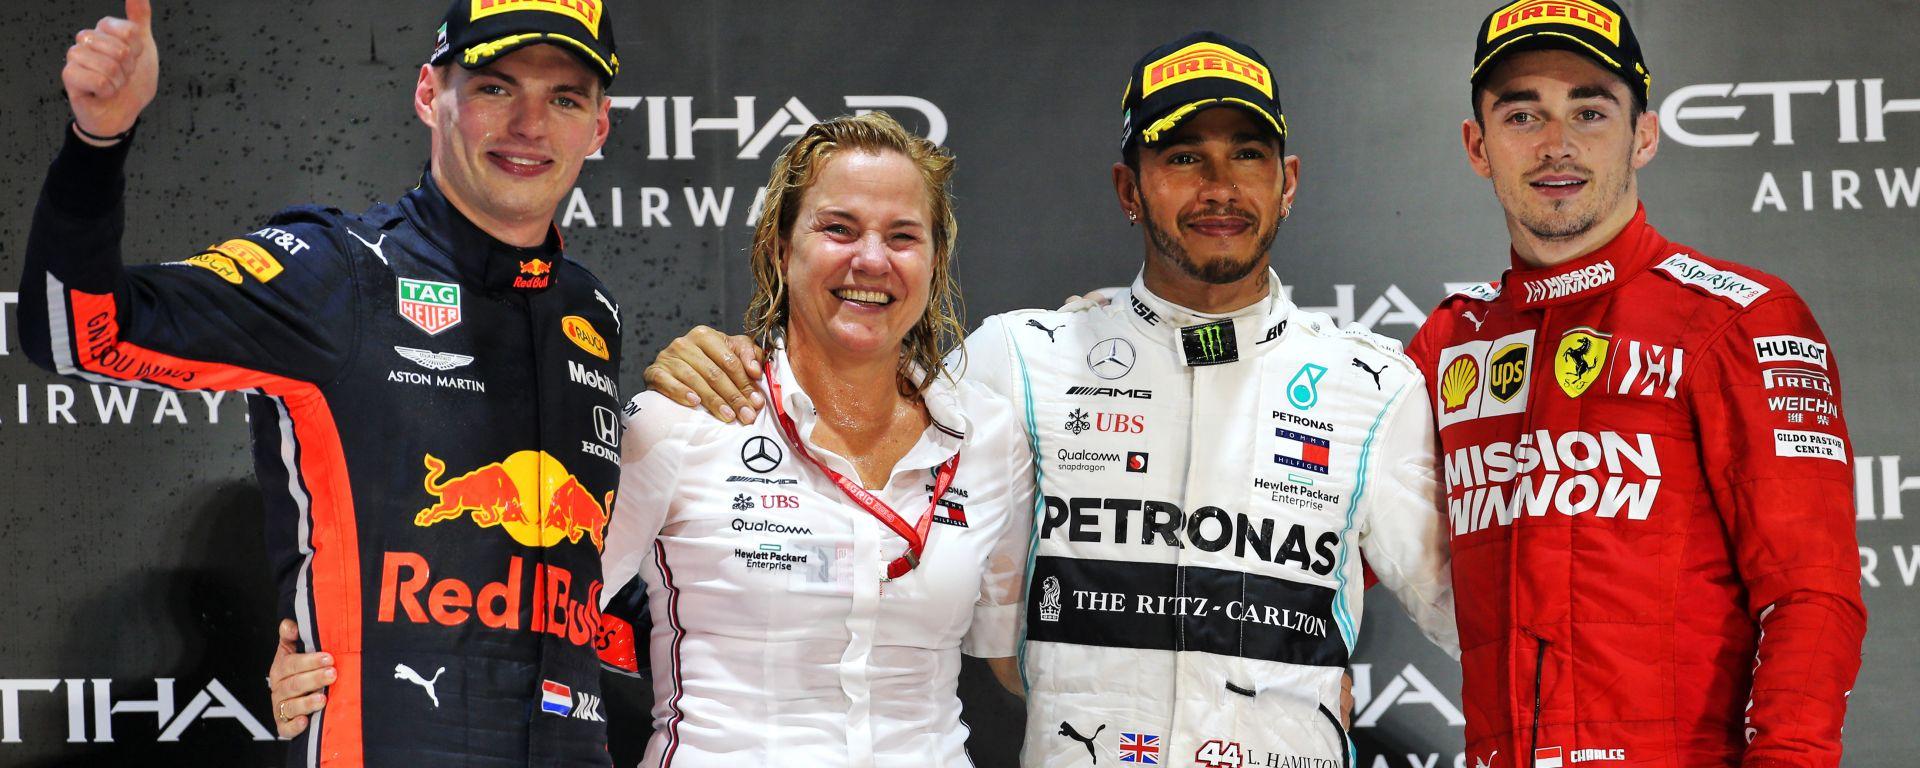 F1, GP Abu Dhabi 2019: il podio della gara con Max Verstappen (Red Bull). Lewis Hamilton (Mercedes) e Sebastian Vettel (Ferrari)